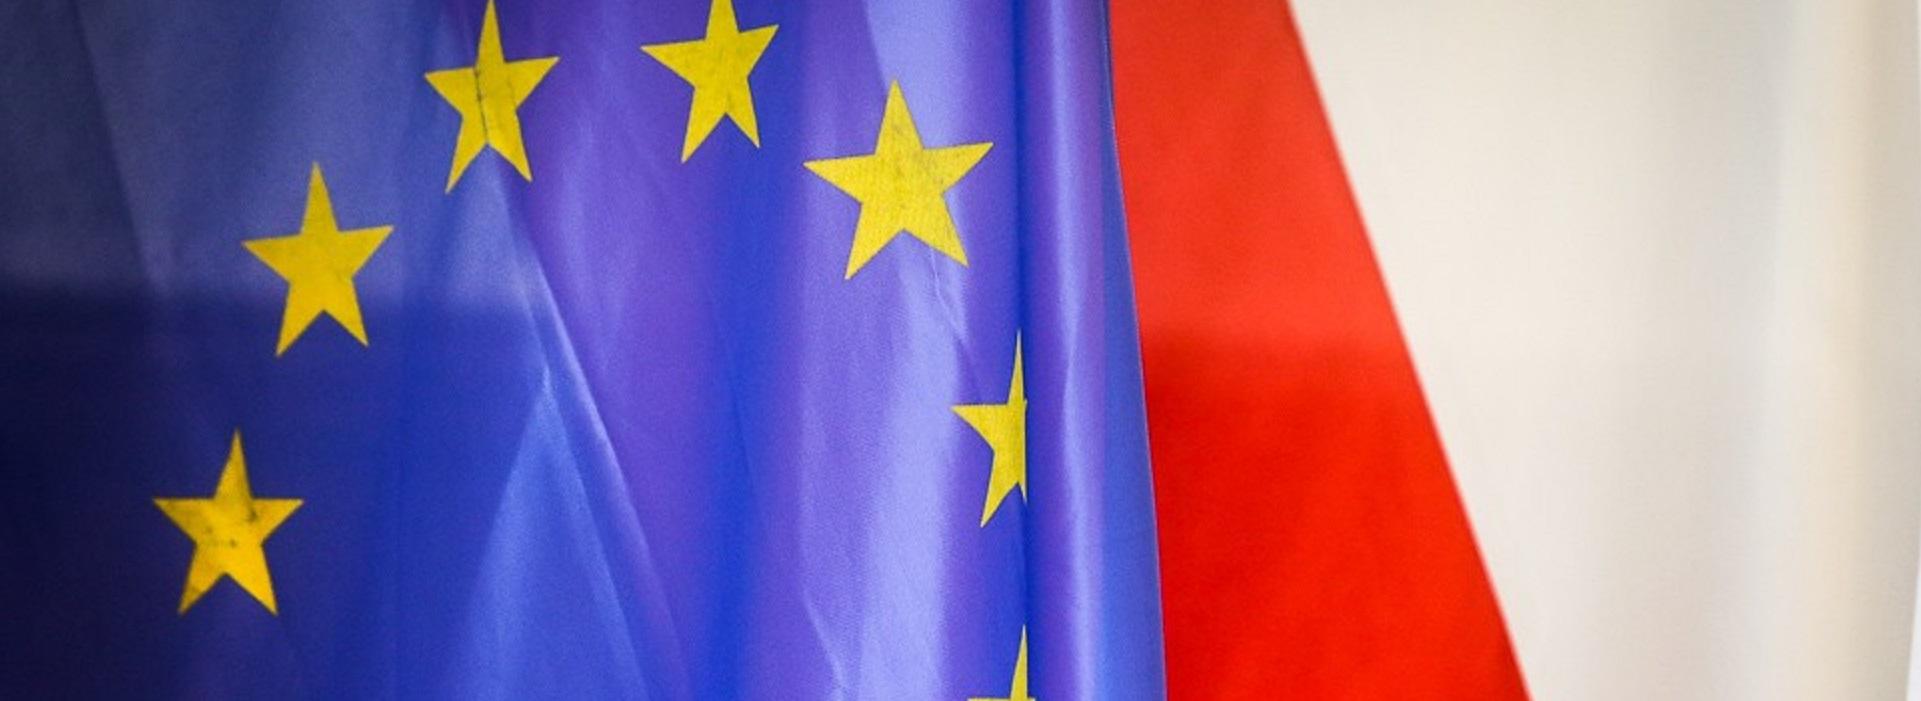 W środę kolejna debata o Polsce w Parlamencie Europejskim